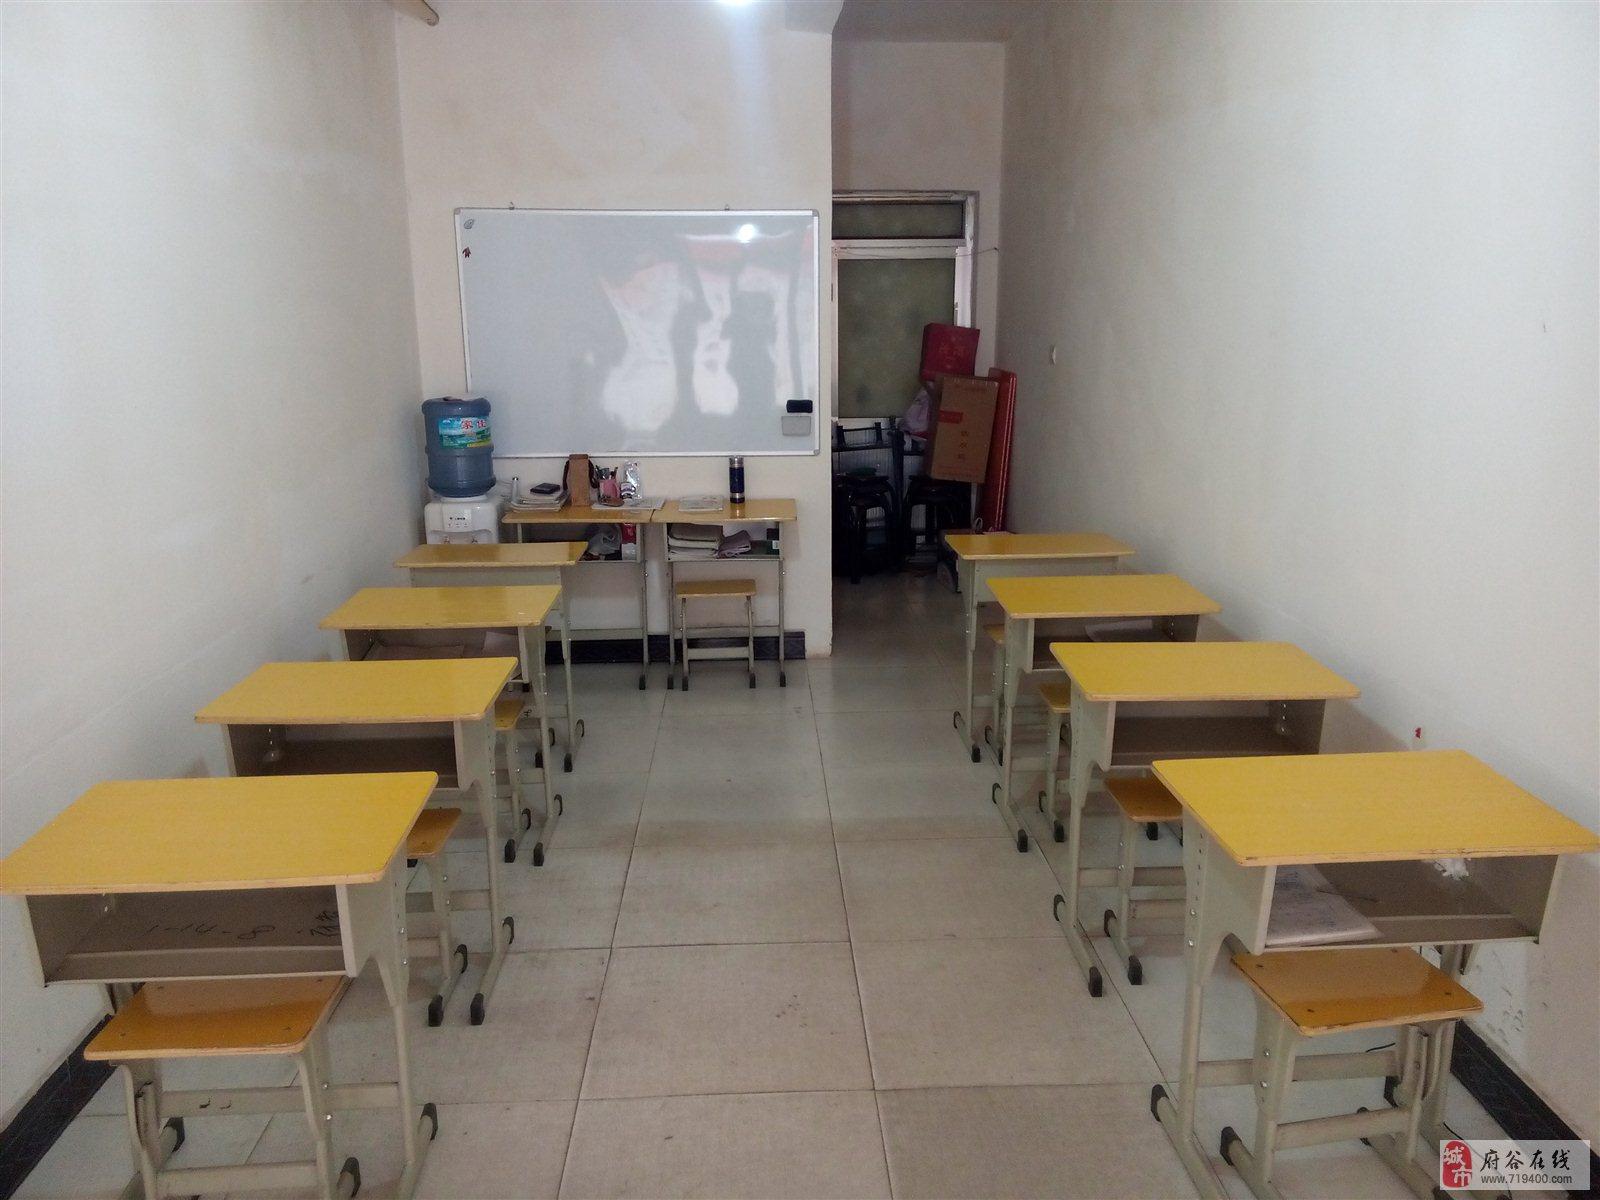 出租寒假期间托管班或补习班教室